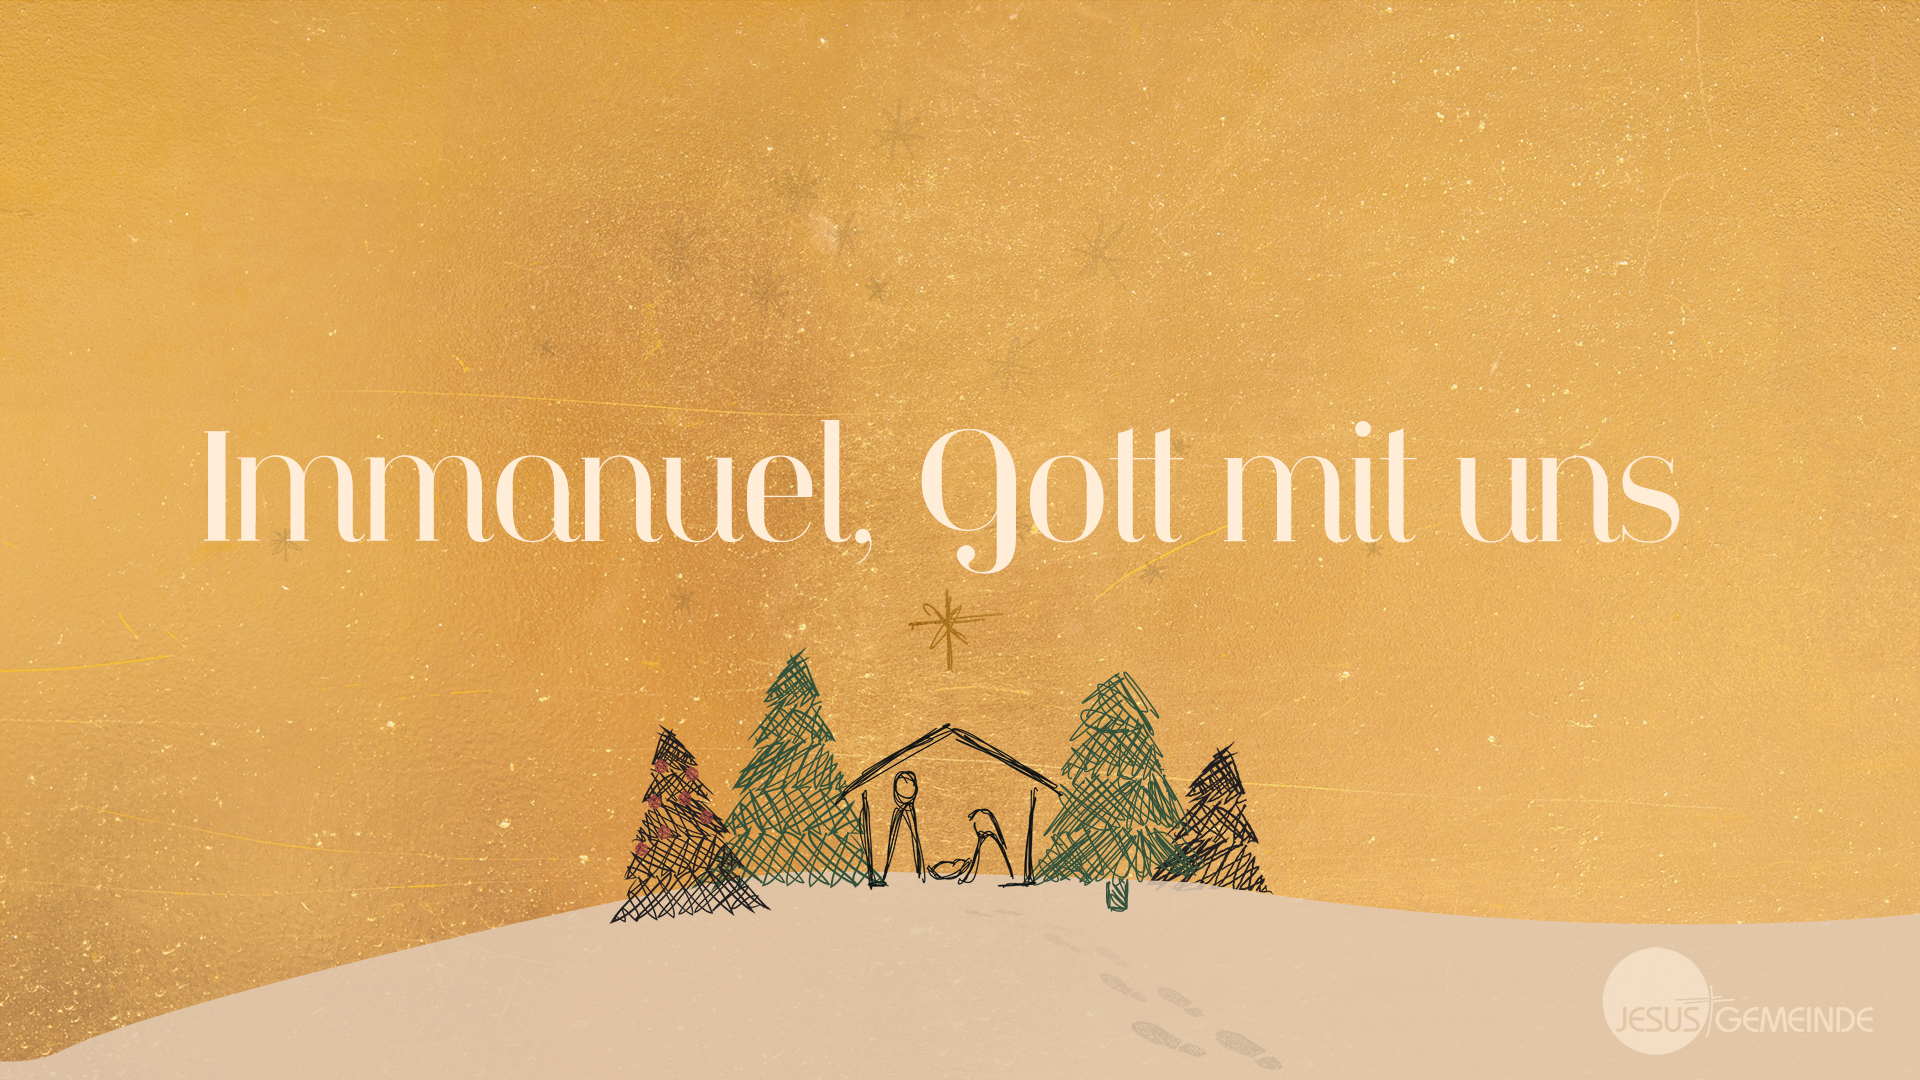 Immanuel, Gott mit uns [video]